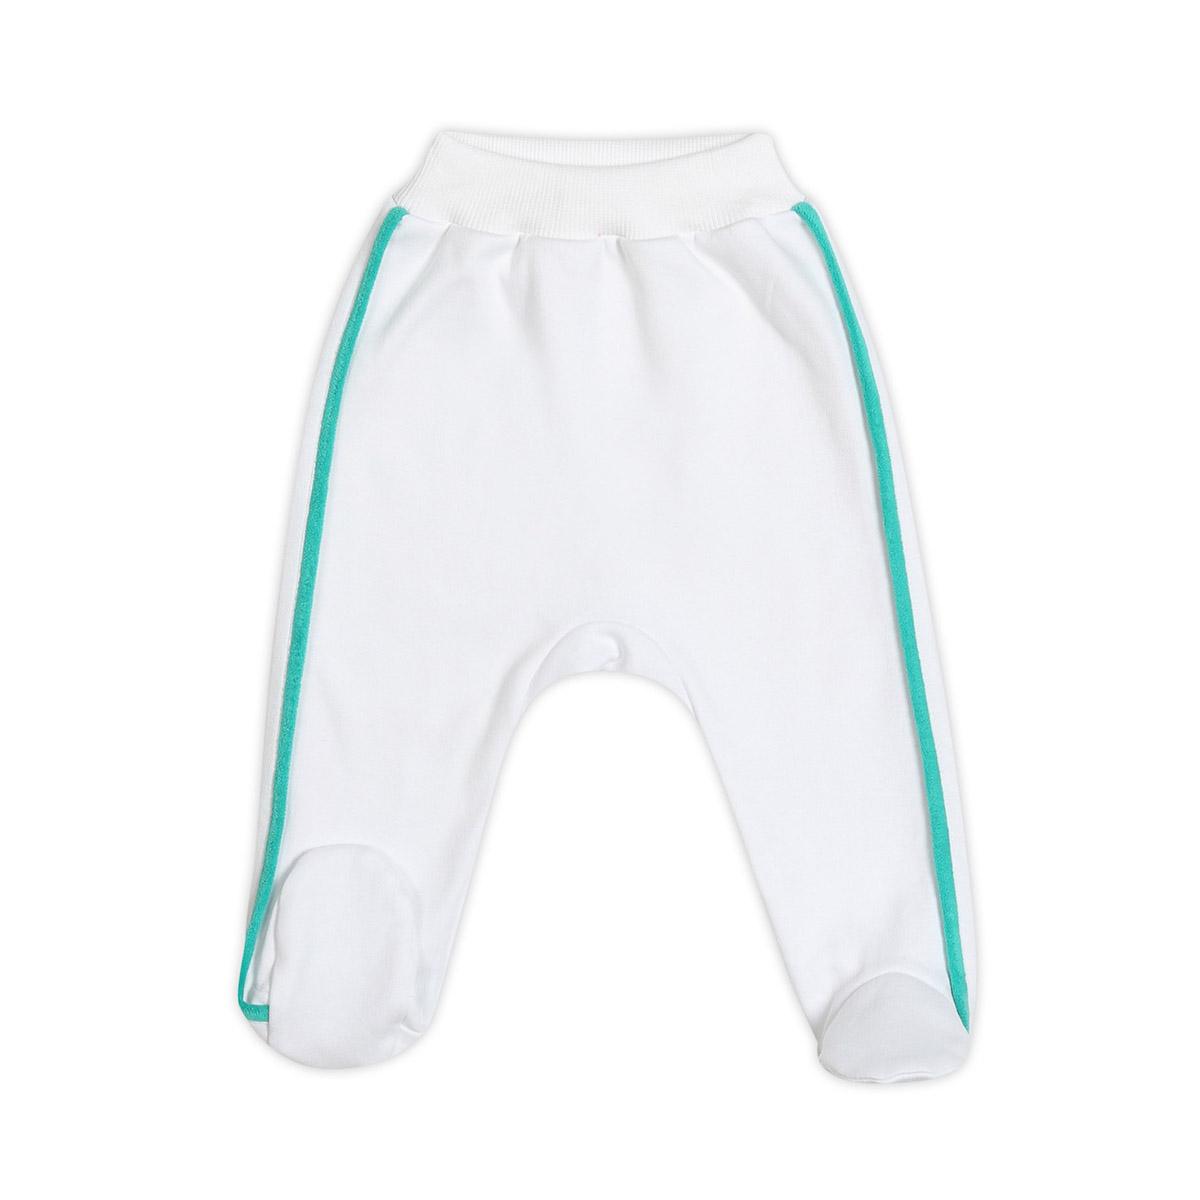 Ползунки с ножками Ёмаё Спорт (26-265) рост 68 белый<br>